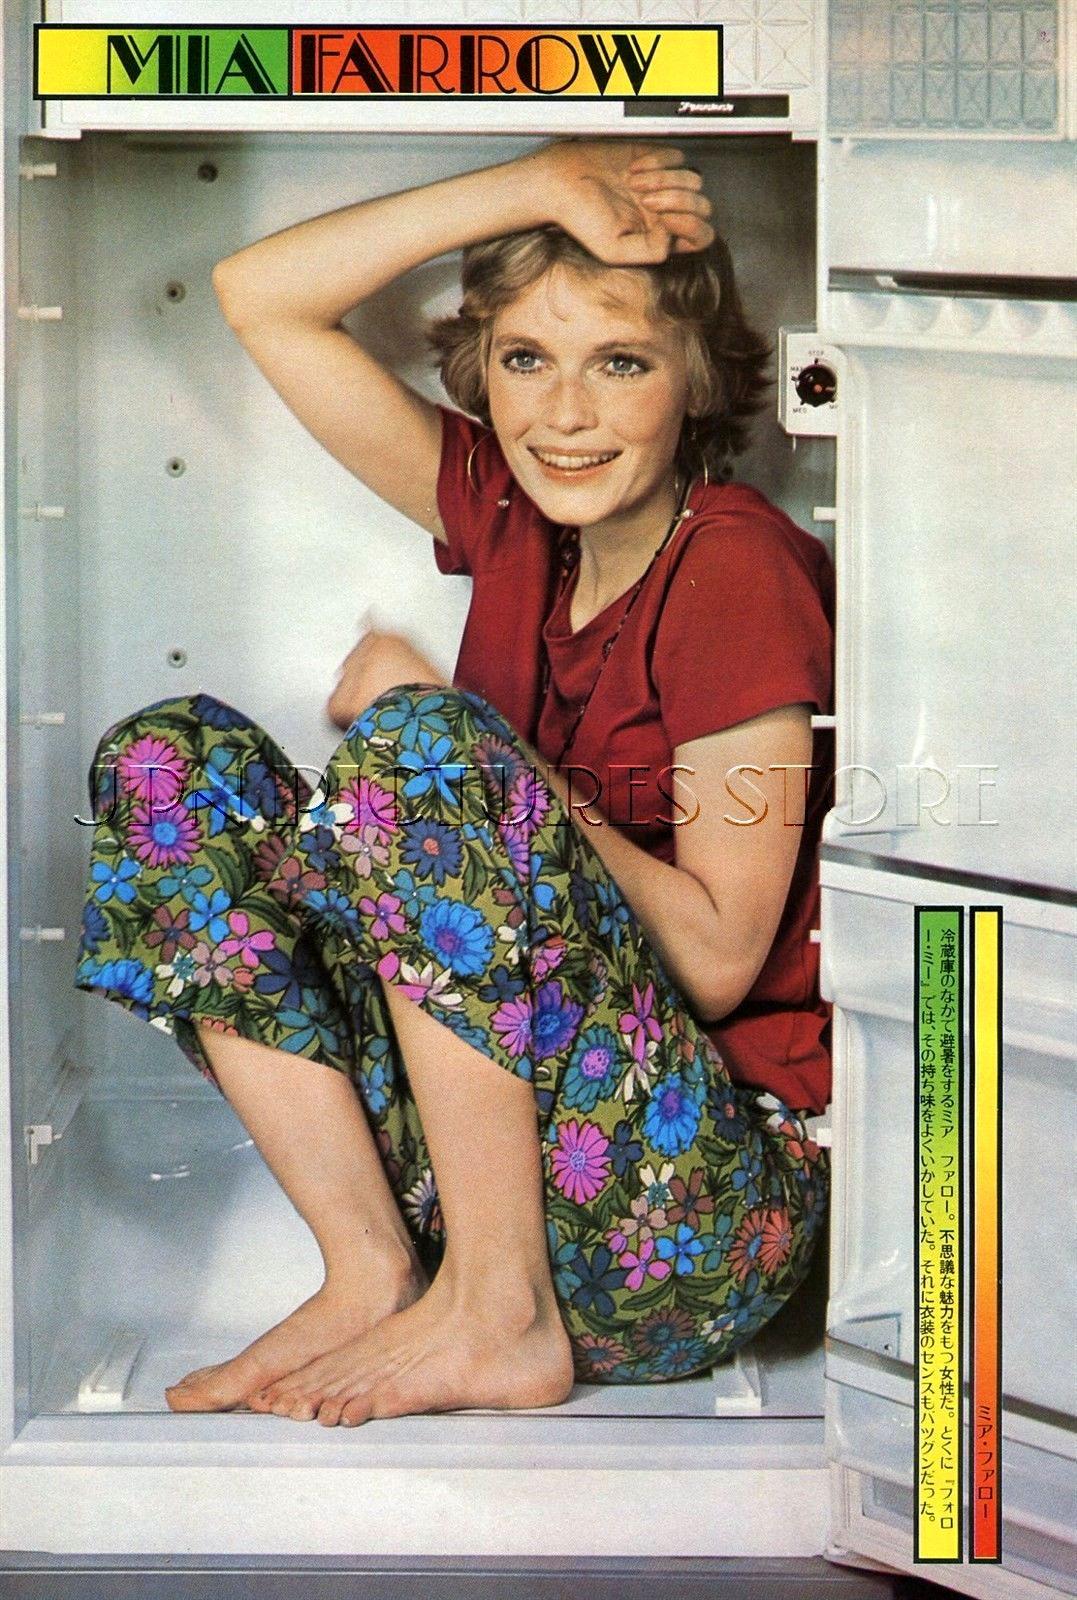 https://pics.wikifeet.com/Mia-Farrow-Feet-2231492.jpg